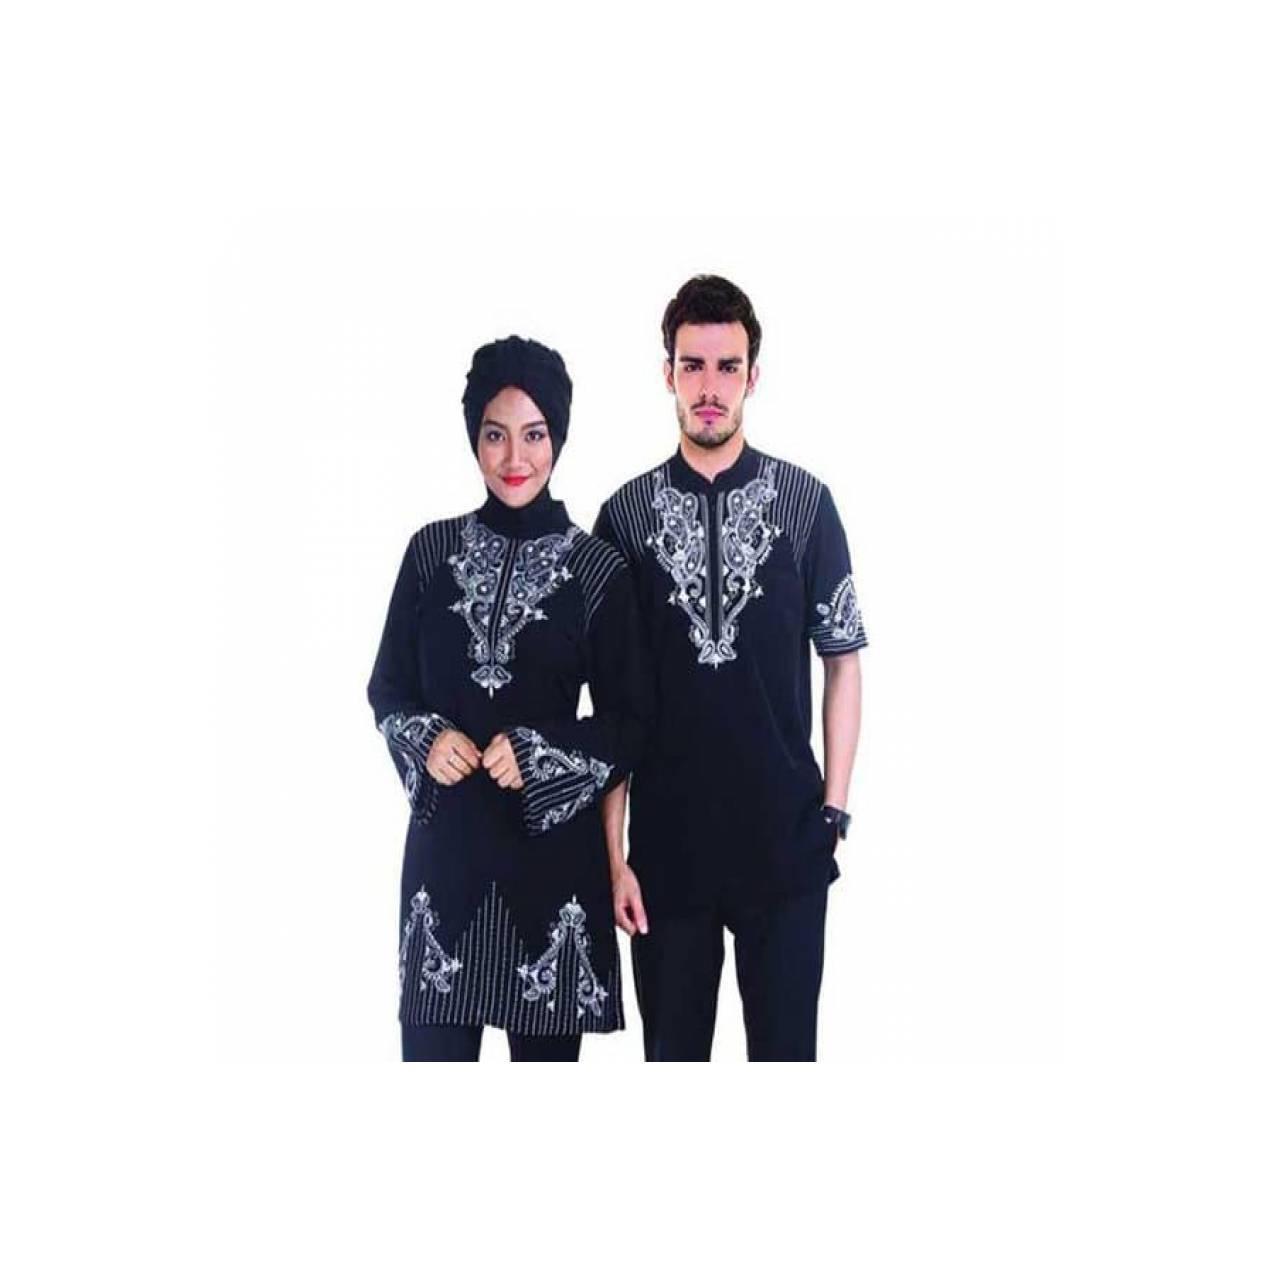 PROMO SPESIAL baju muslim couple terbaru / baju muslim pasangan